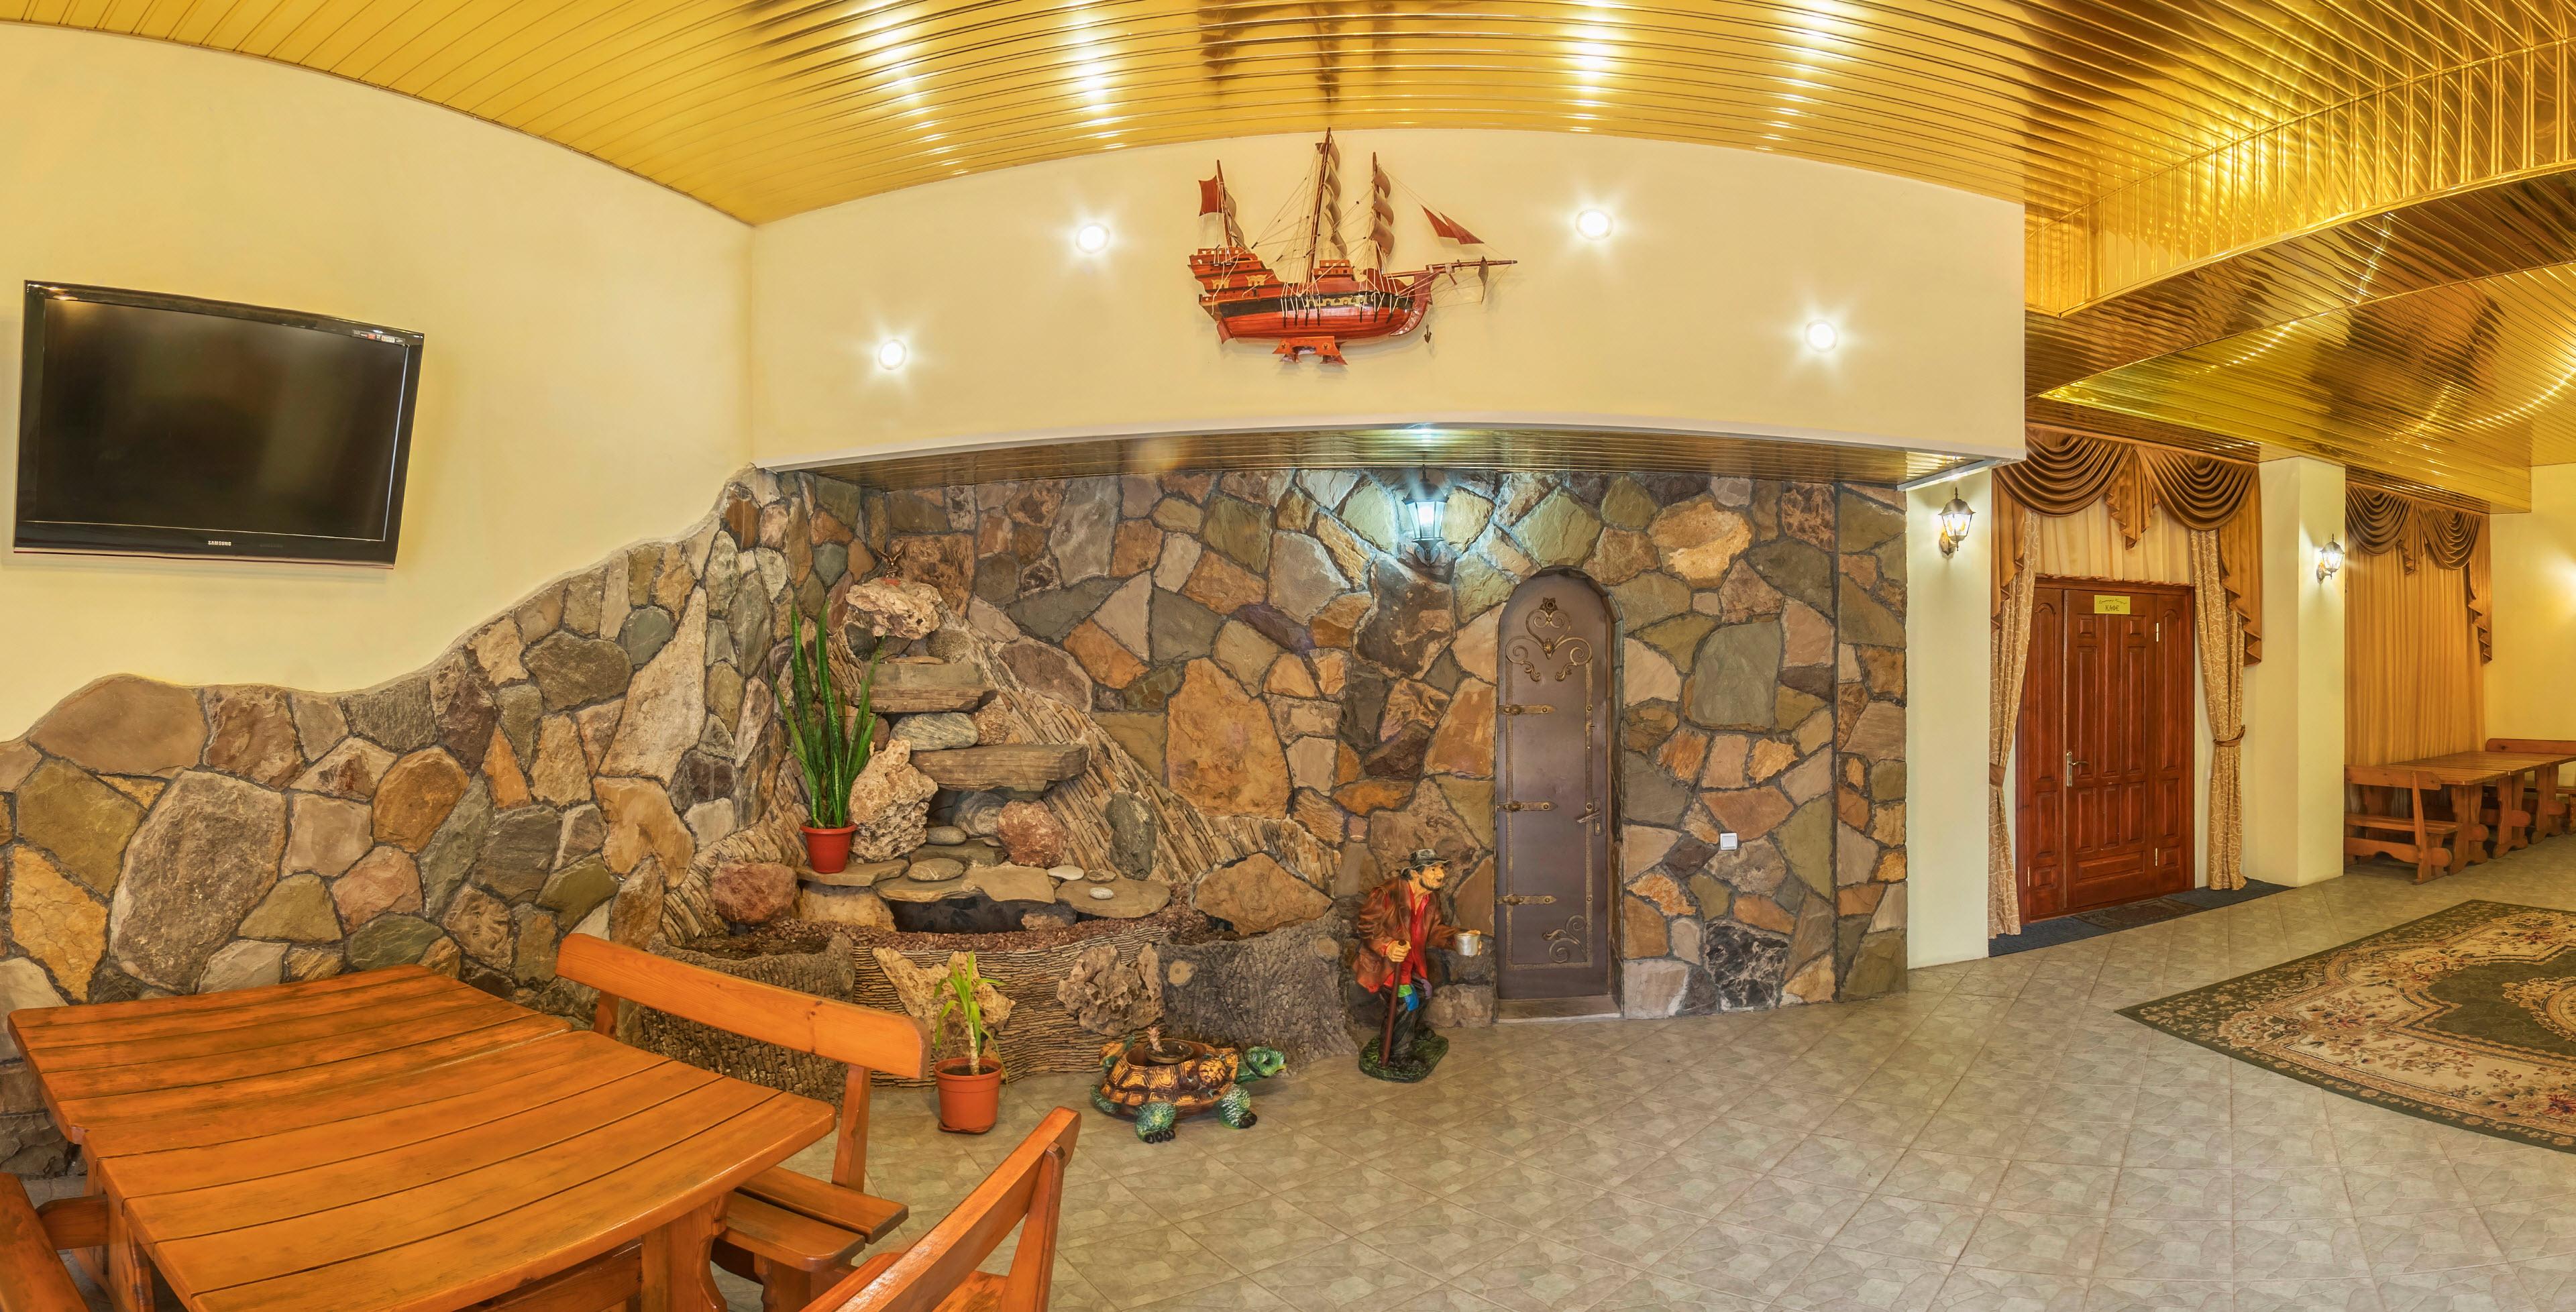 лазаревское гостиница христофор колумб фото раз повторю, никаких